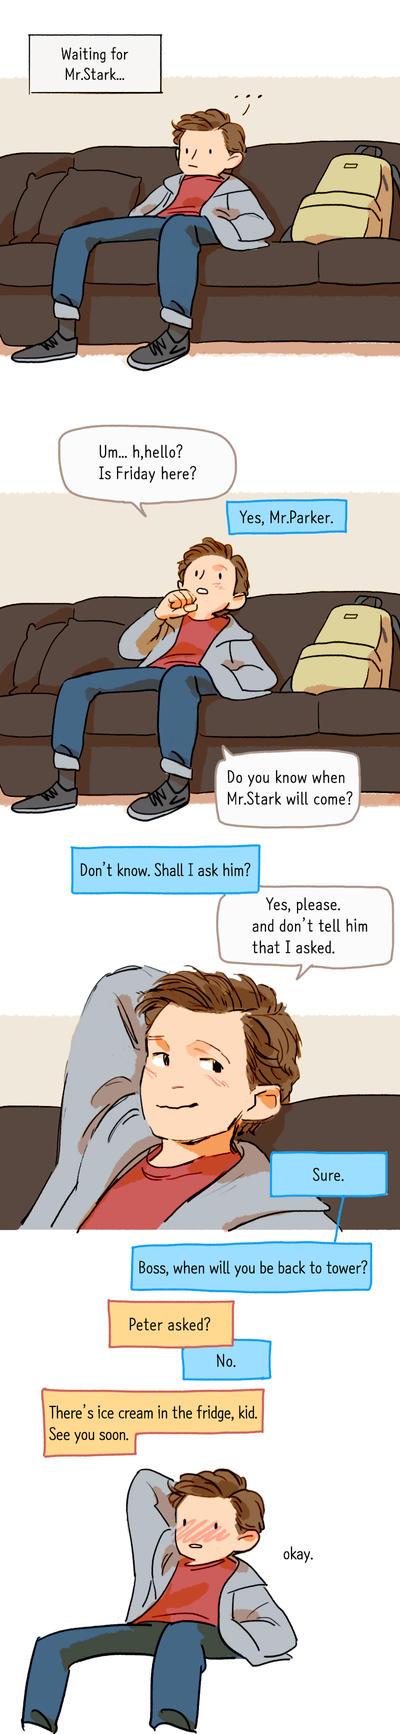 Waiting for Mr.Stark by Hallpen